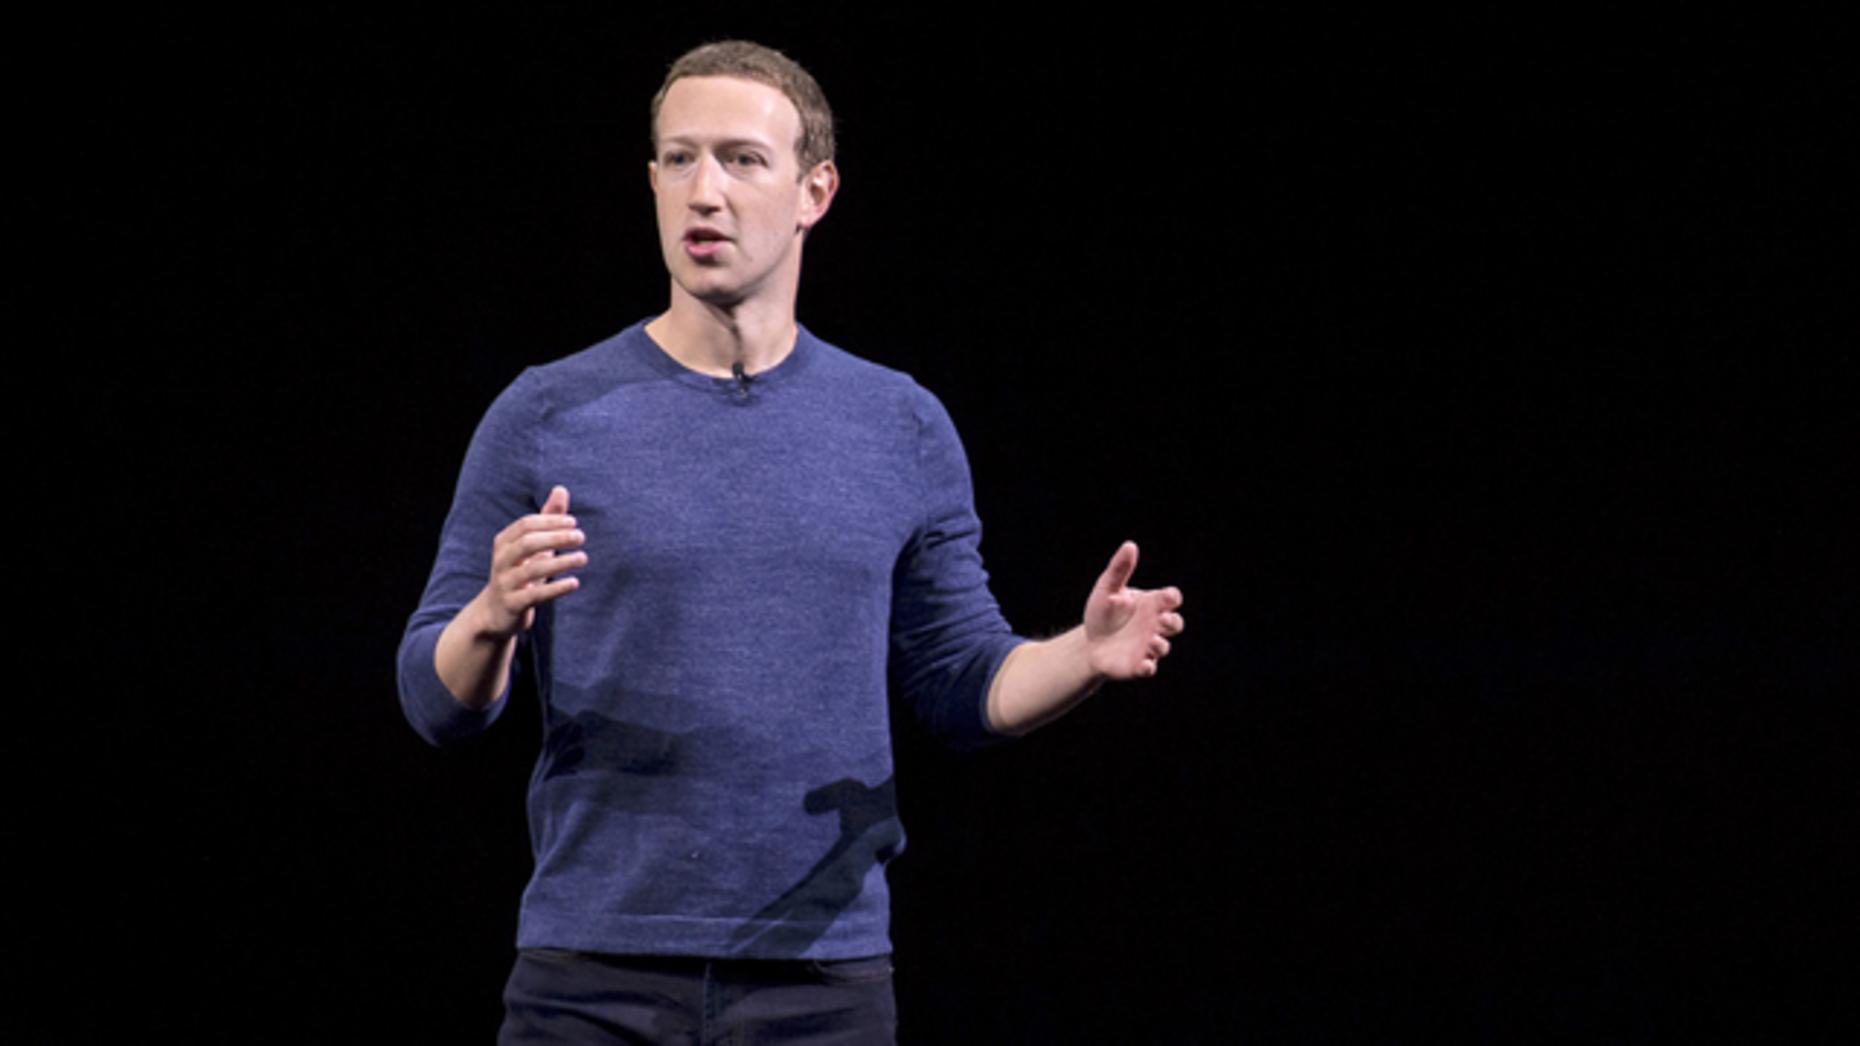 Mark Zuckerberg. Photo by Bloomberg